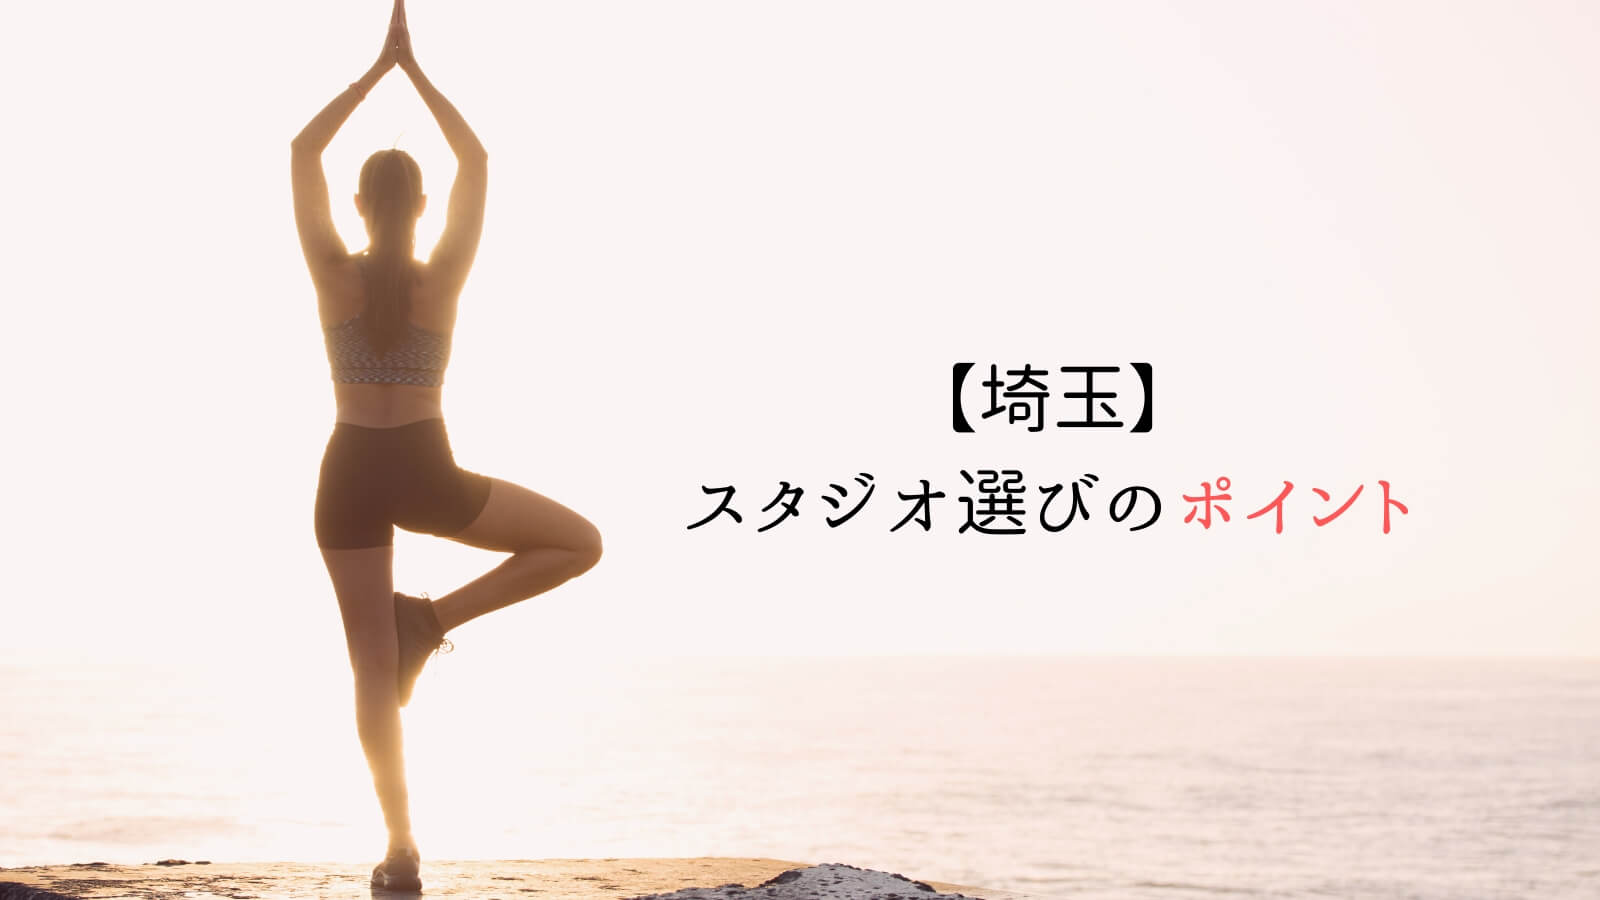 埼玉のピラティススタジオ選びのポイント